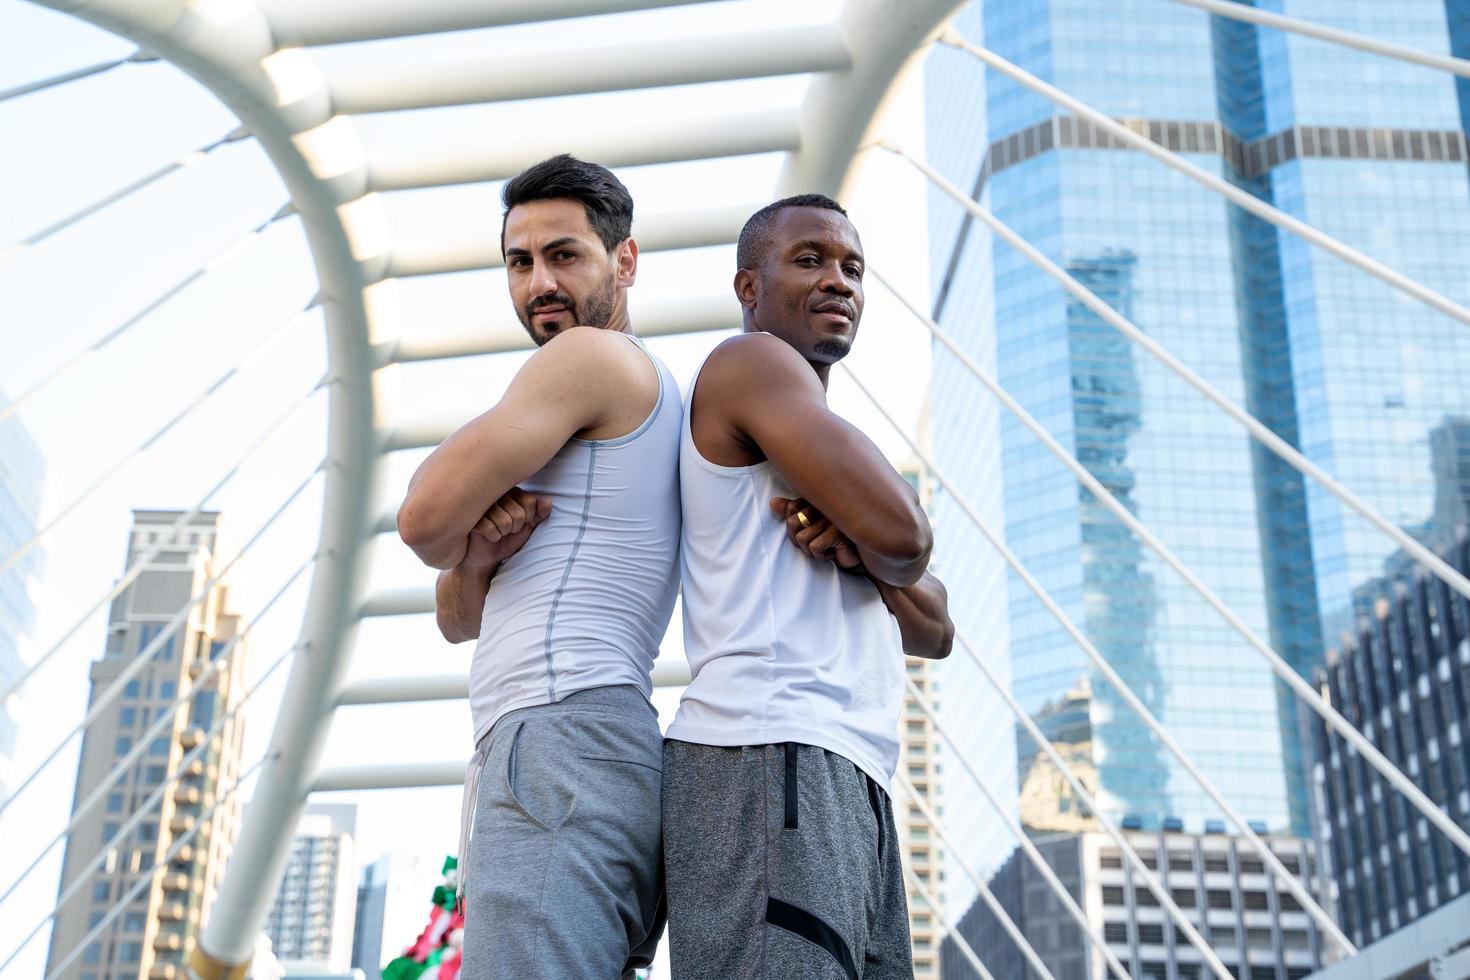 twee mannen staan rug aan rug in atletische kleding foto